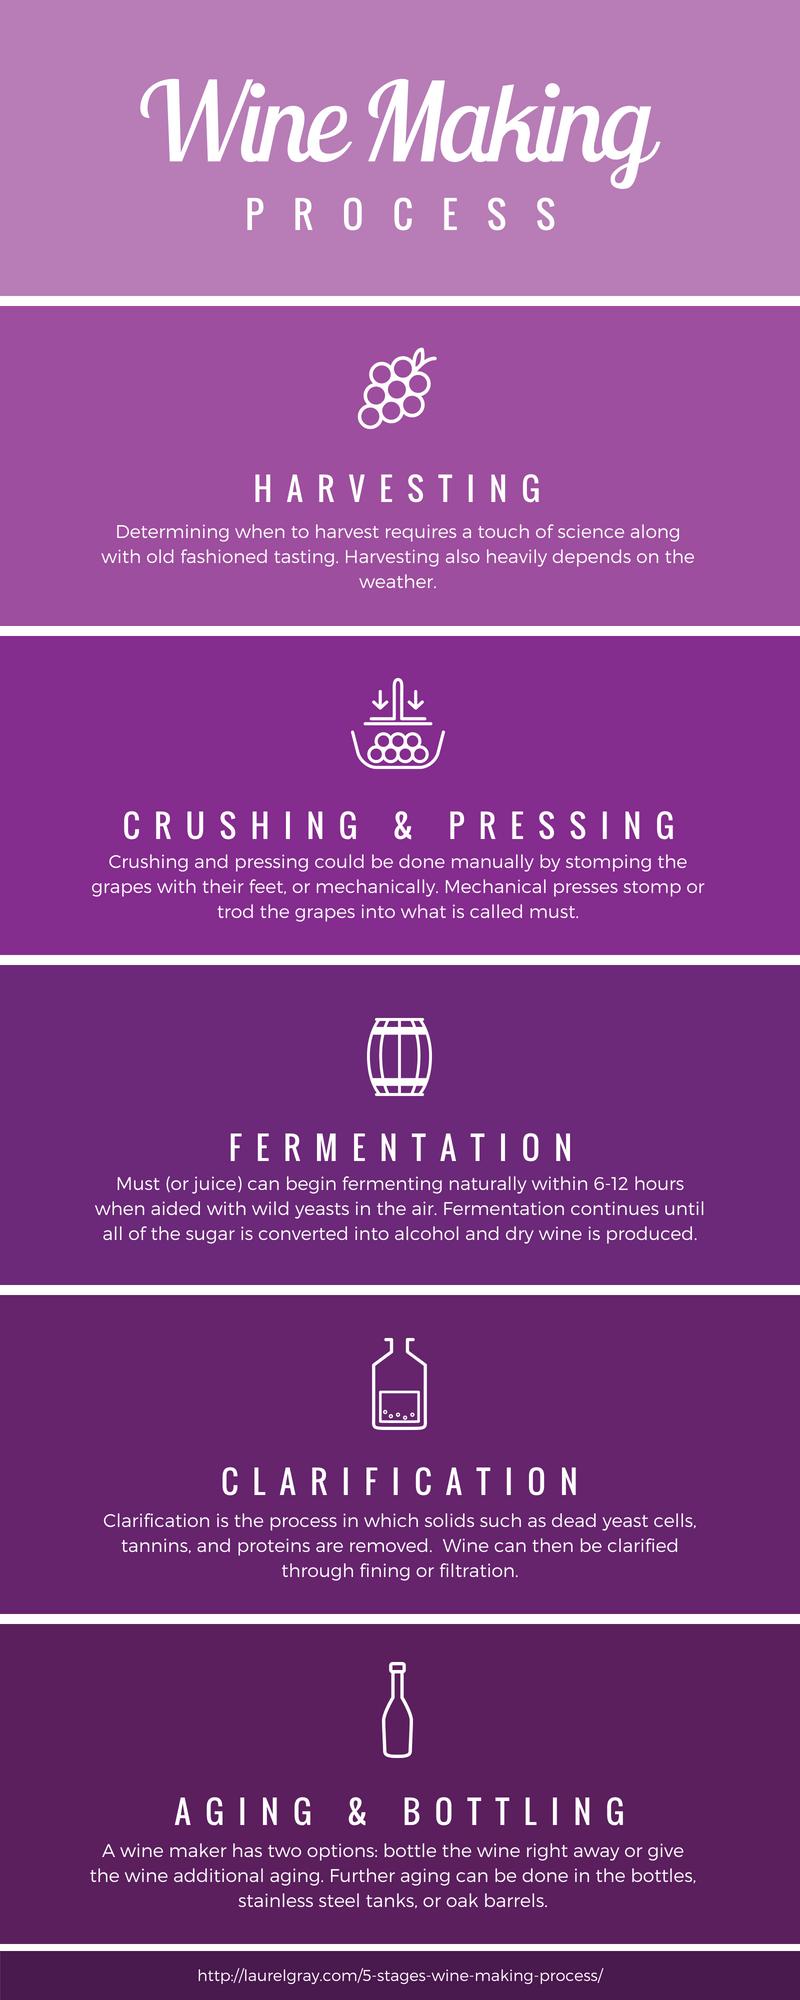 winedivaa wine making process